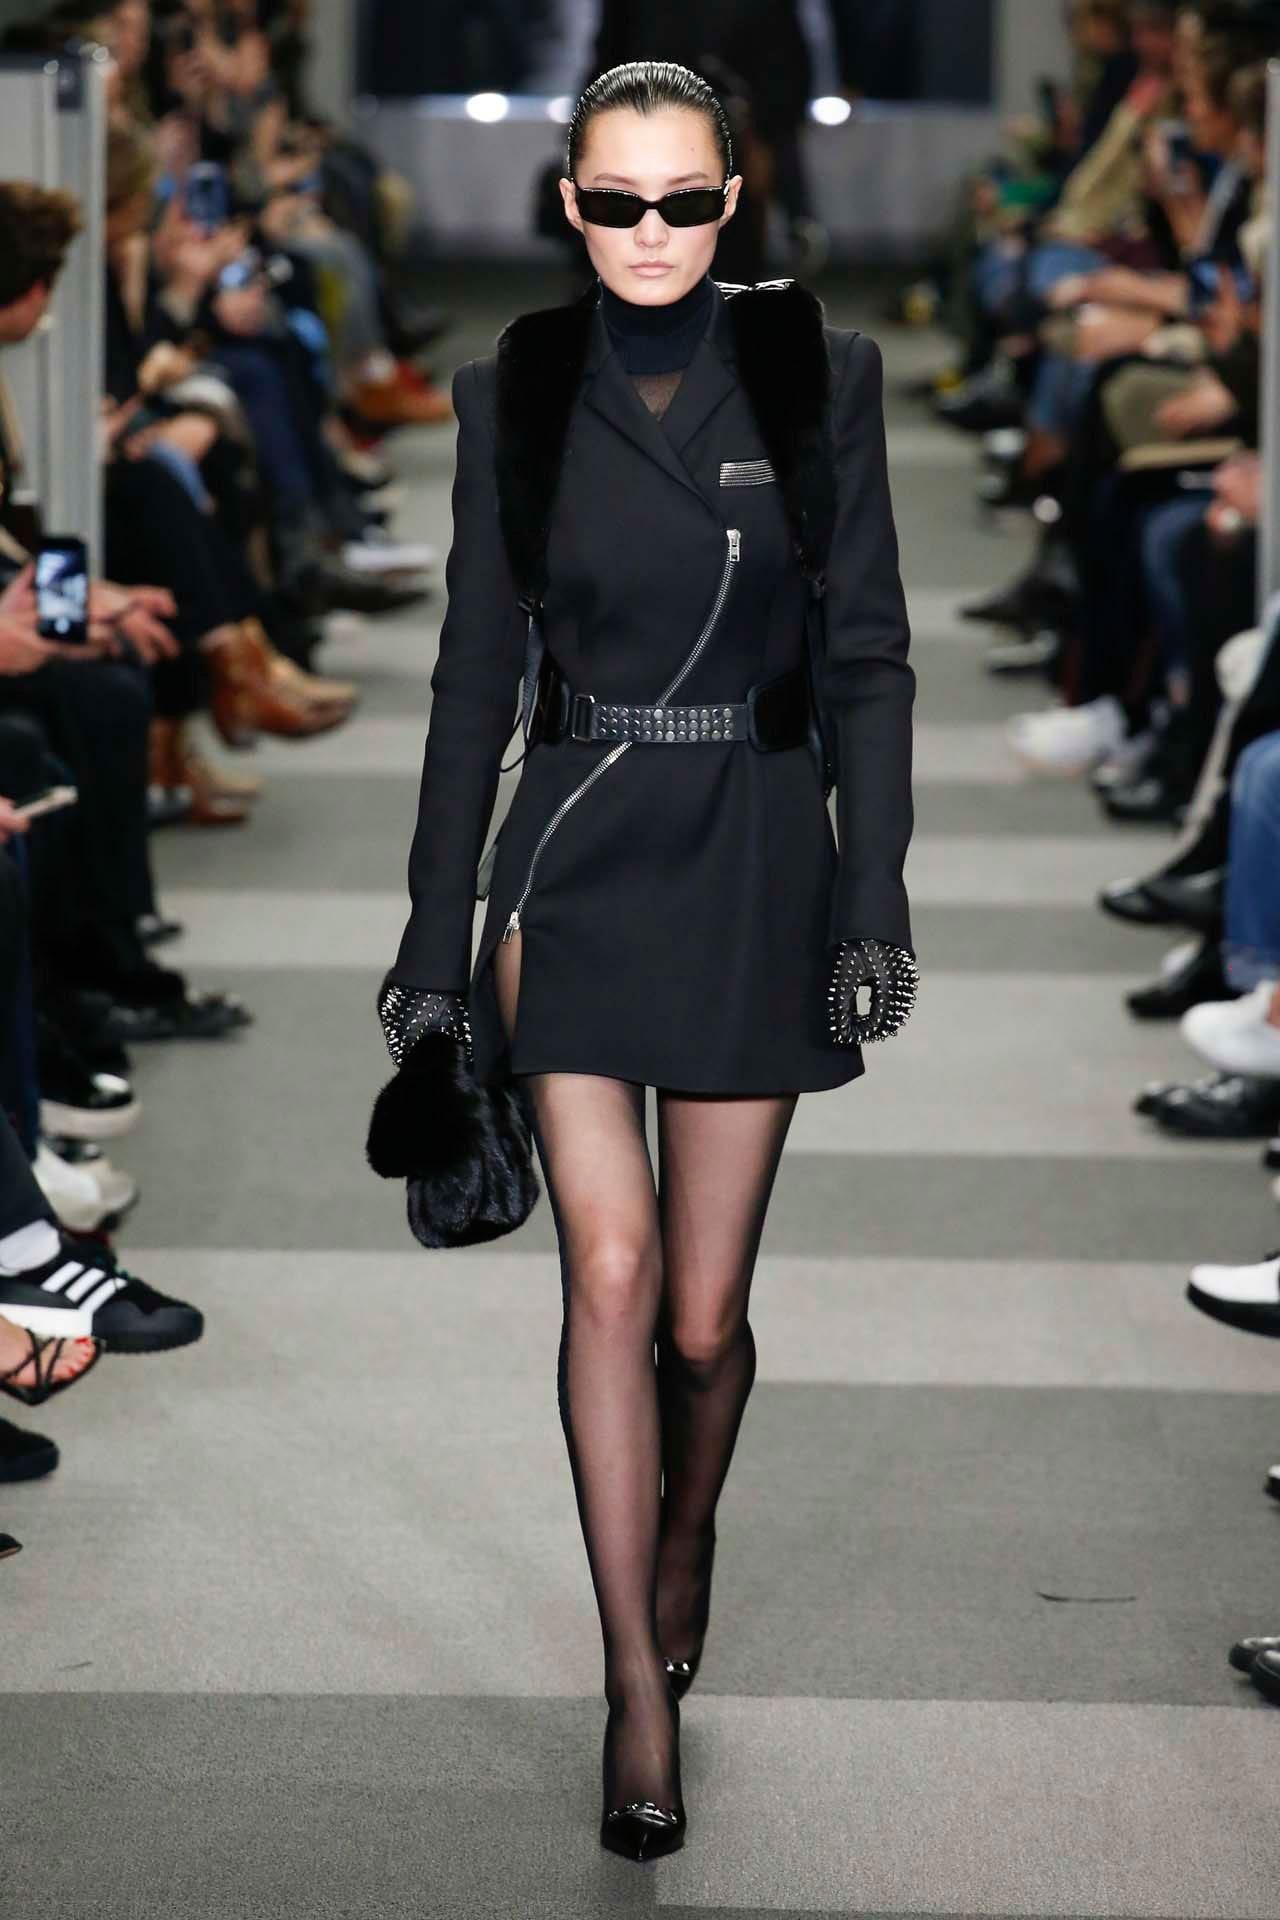 Alexander Wang ready-to-wear autumn/winter '18/'19